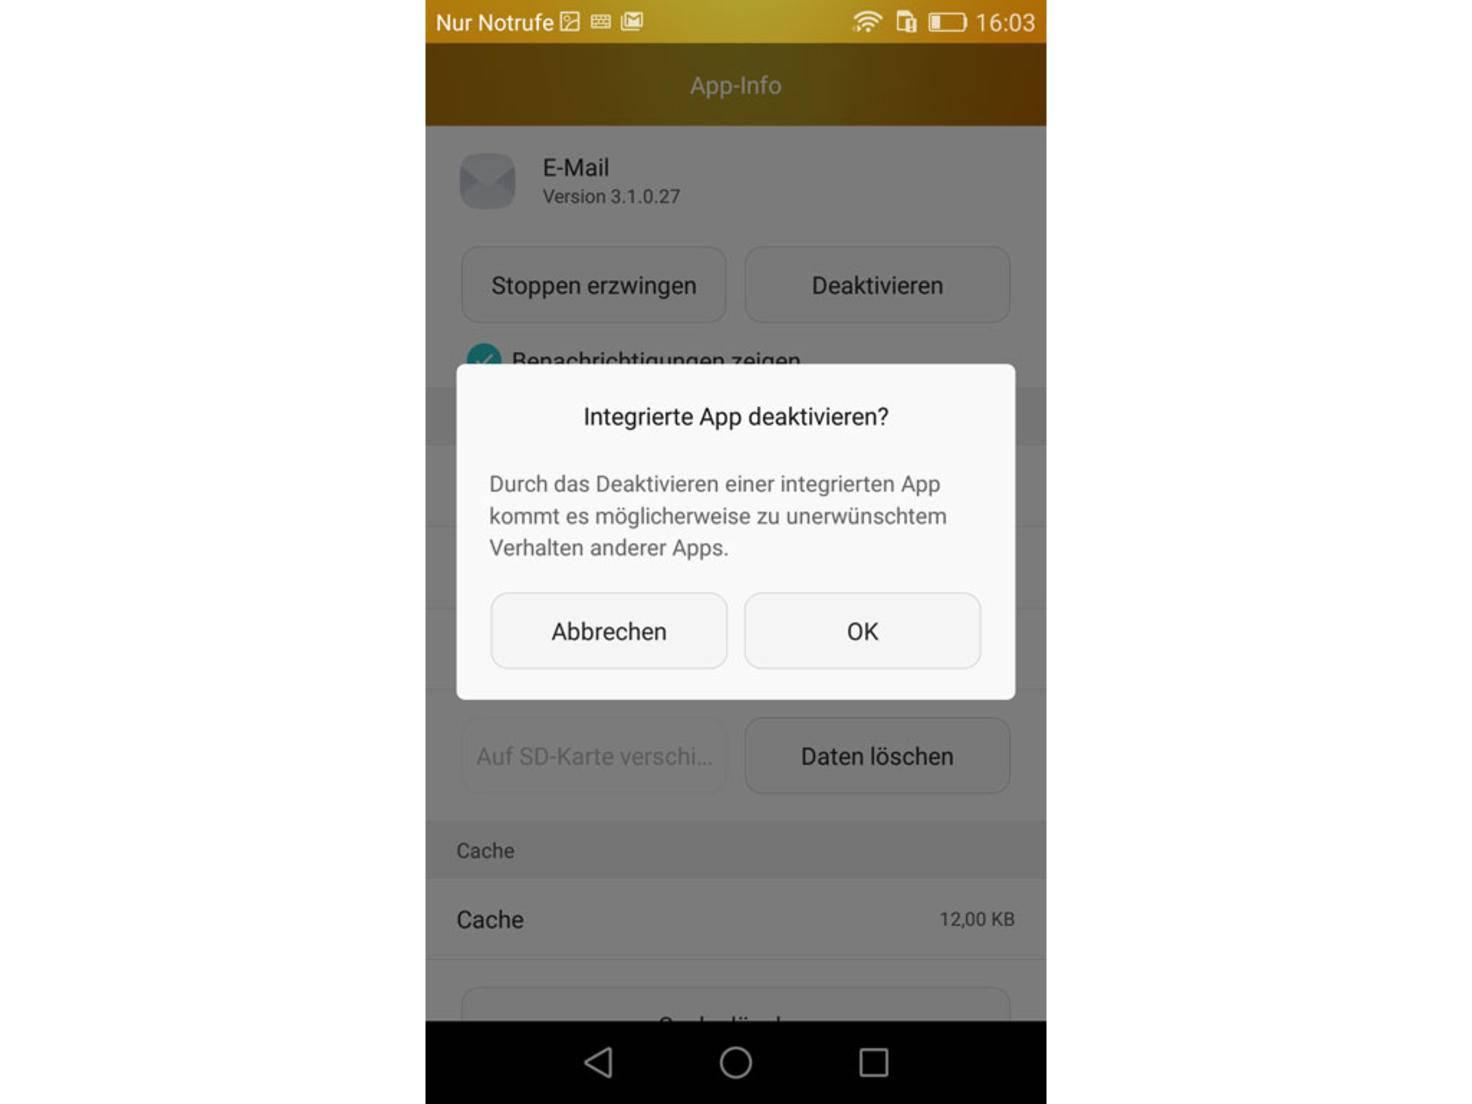 Nach Bestätigung der Sicherheitsfrage wird die App fortan versteckt.